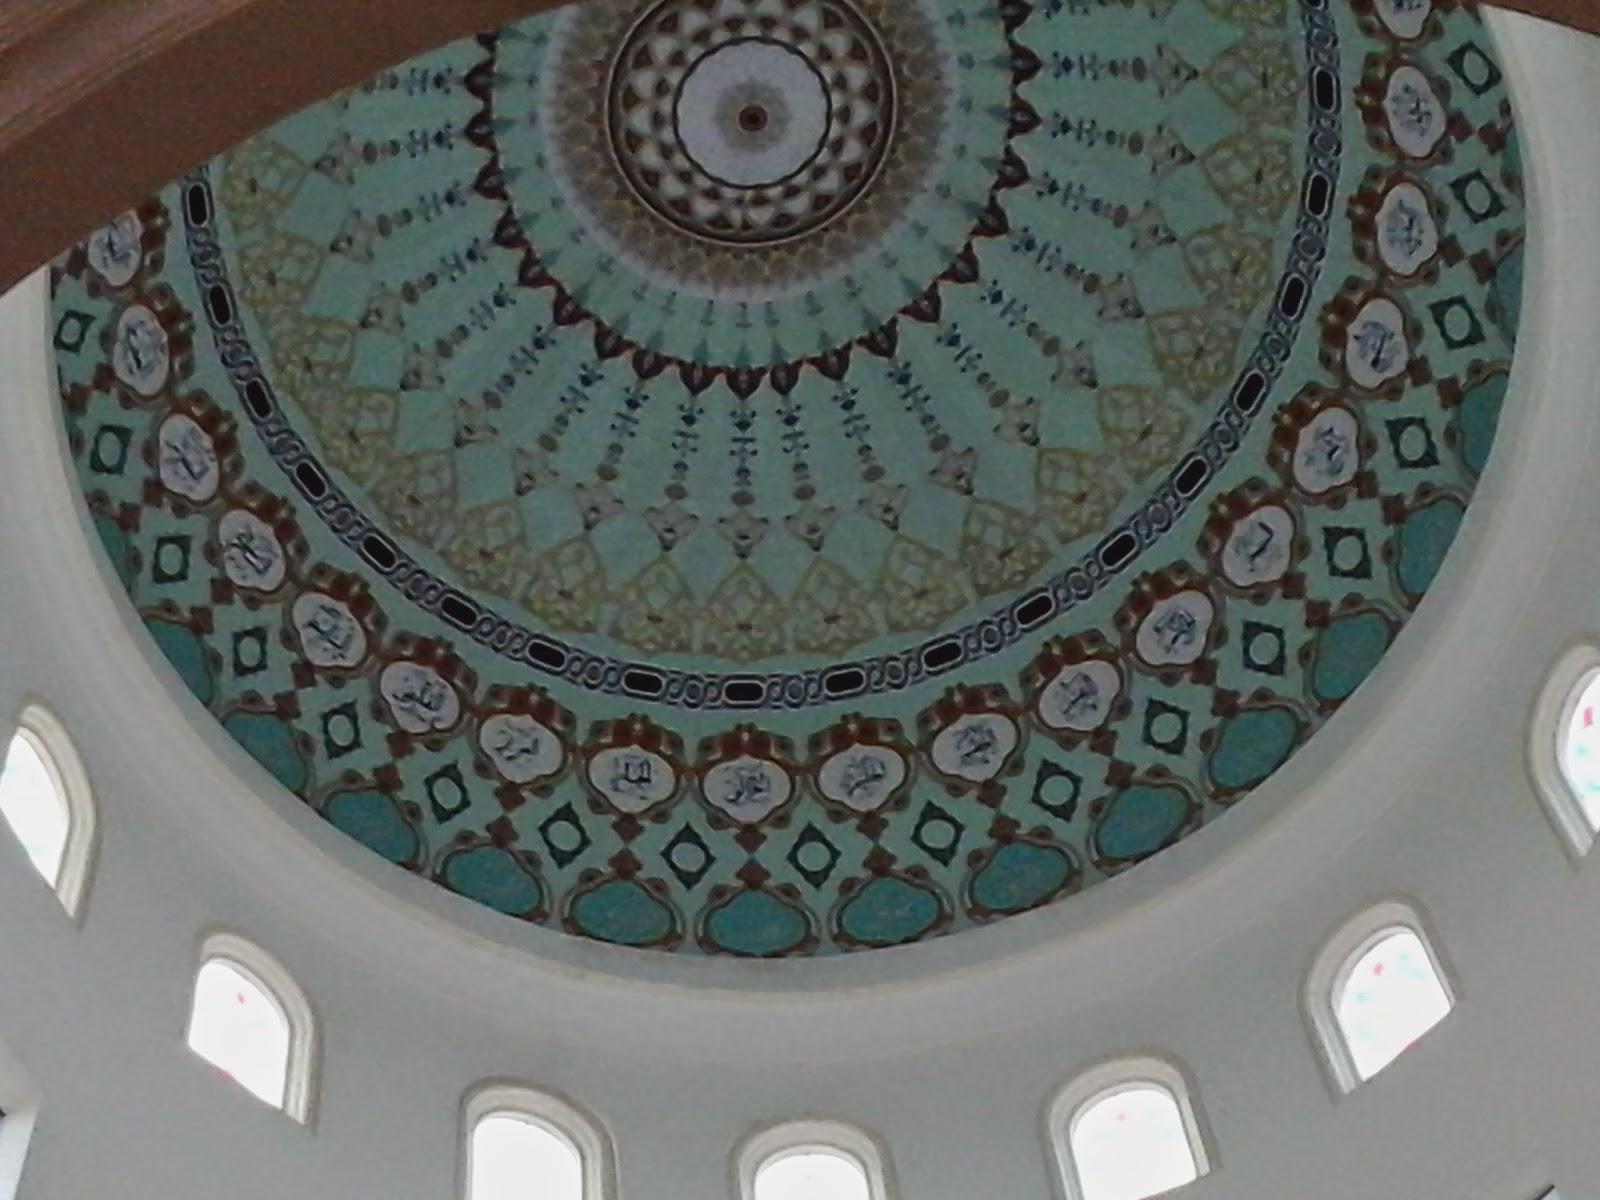 Kubah masjid,harga kubah,kubah panel,kubah enamel, tukang kubah di jakarta, harga kubah di jakarta, jakarta, kubah motif, harga kubah sumatra